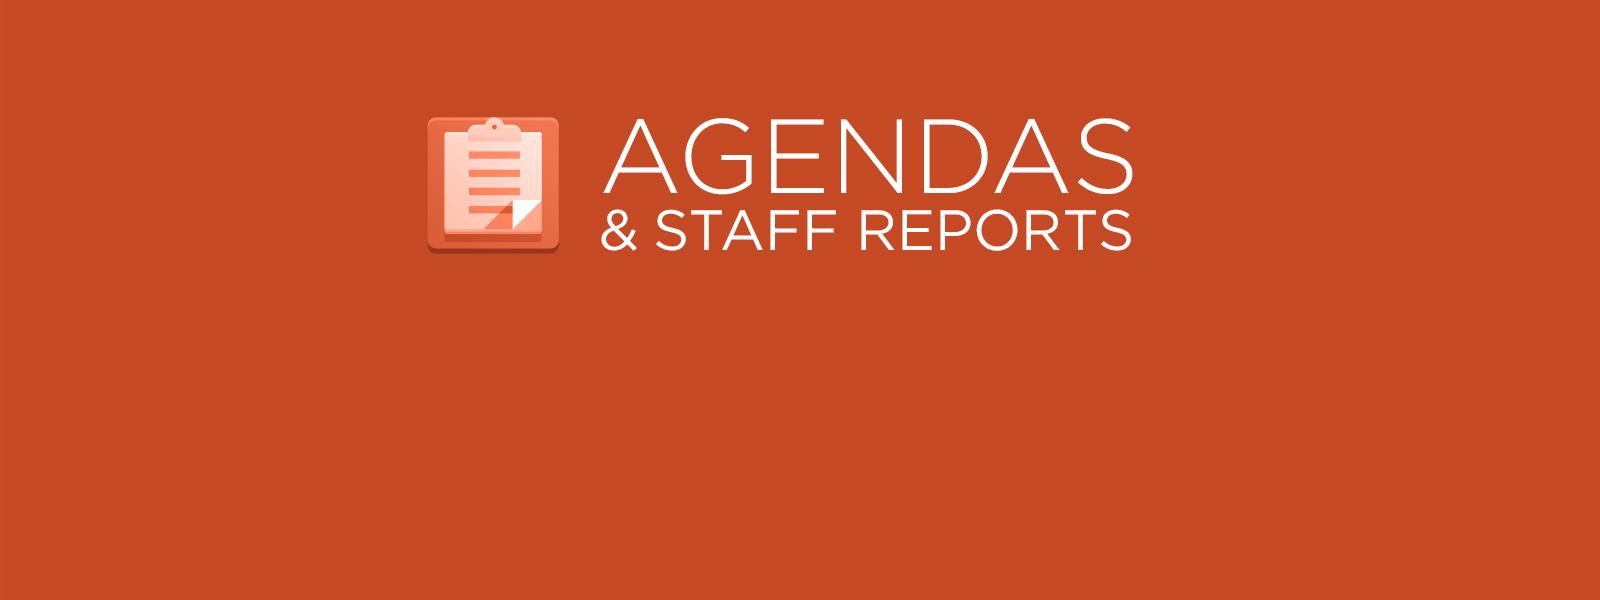 Upcoming agendas